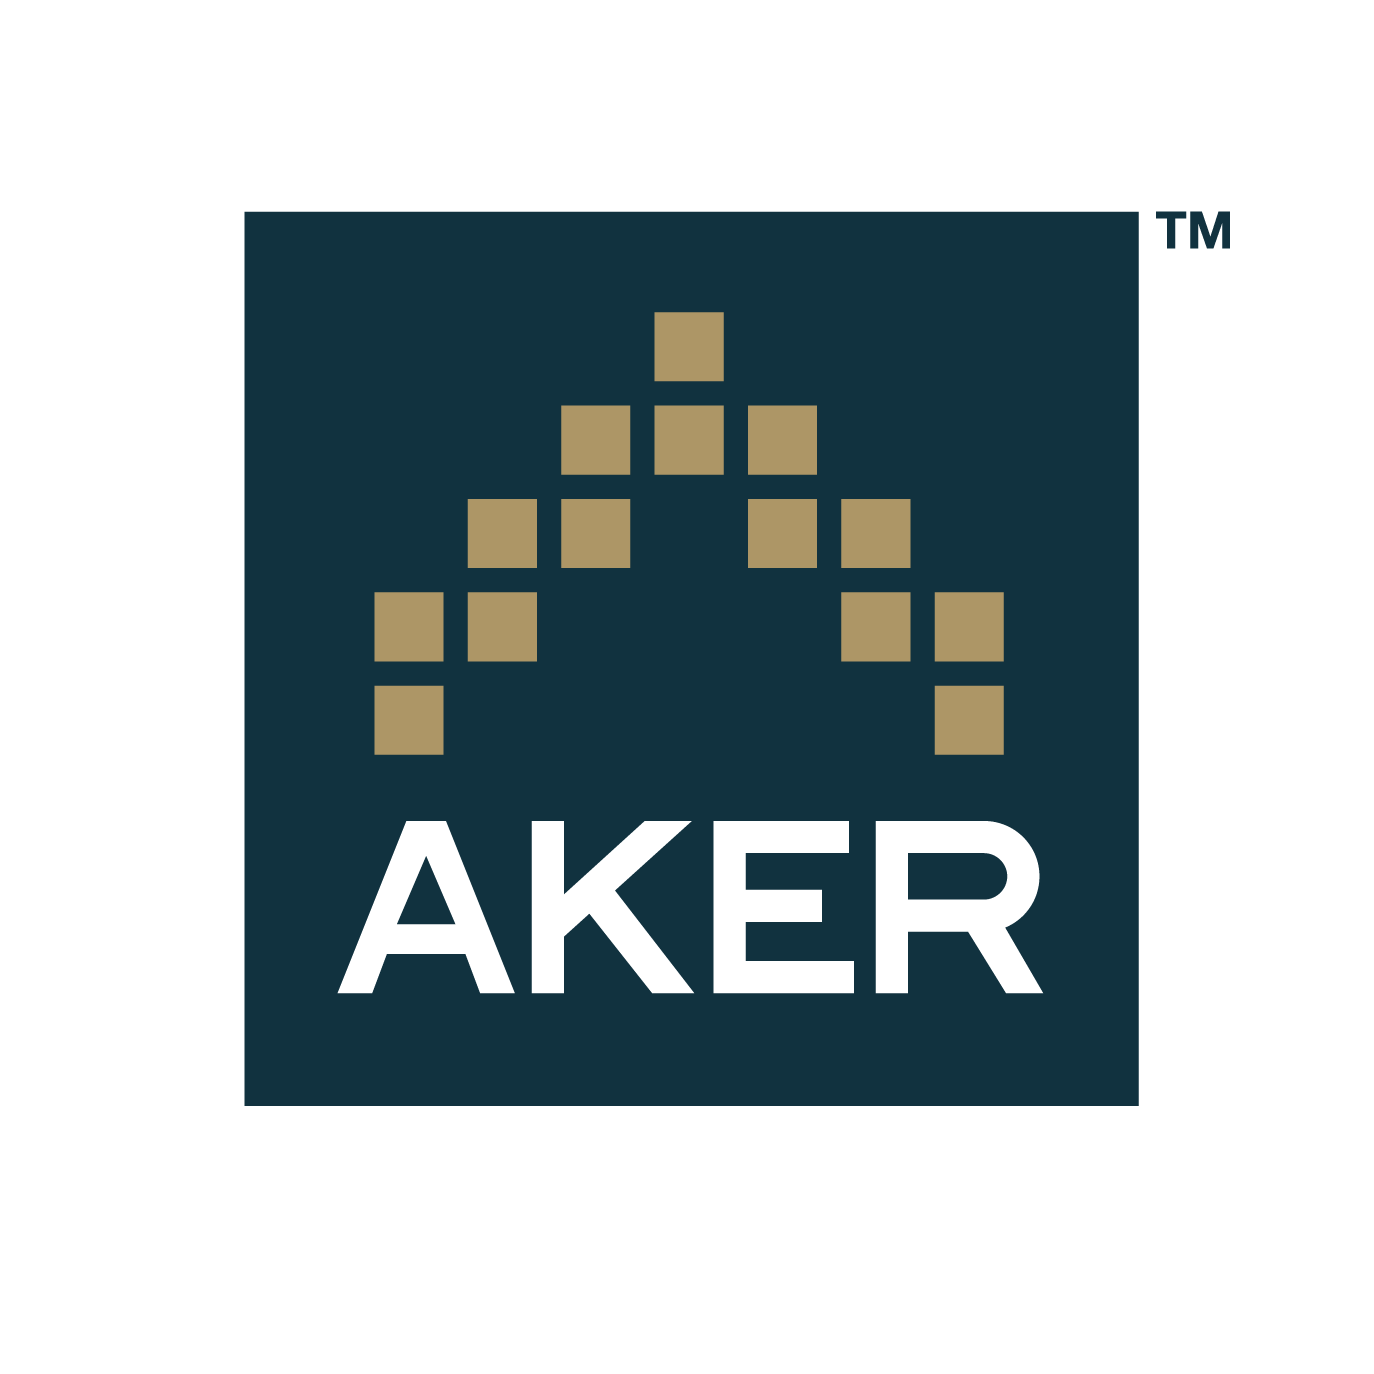 Aker-logo-2010.png